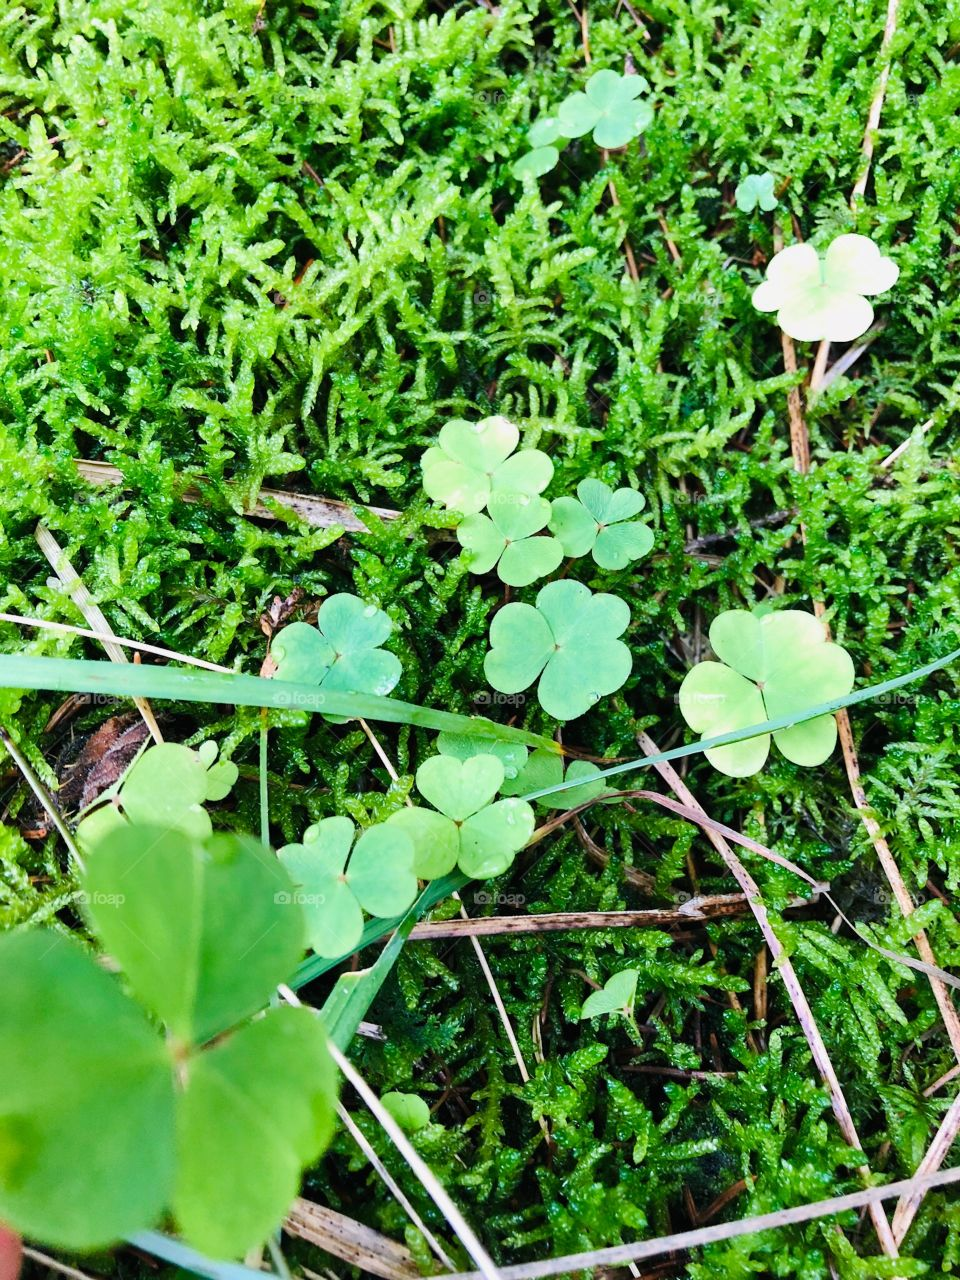 Genieße die kleinen Dinge sie machen das Leben großartig. Kleeblatt - Freude - Glück - leben - grün - Wiese - Glücksbringer 🖤